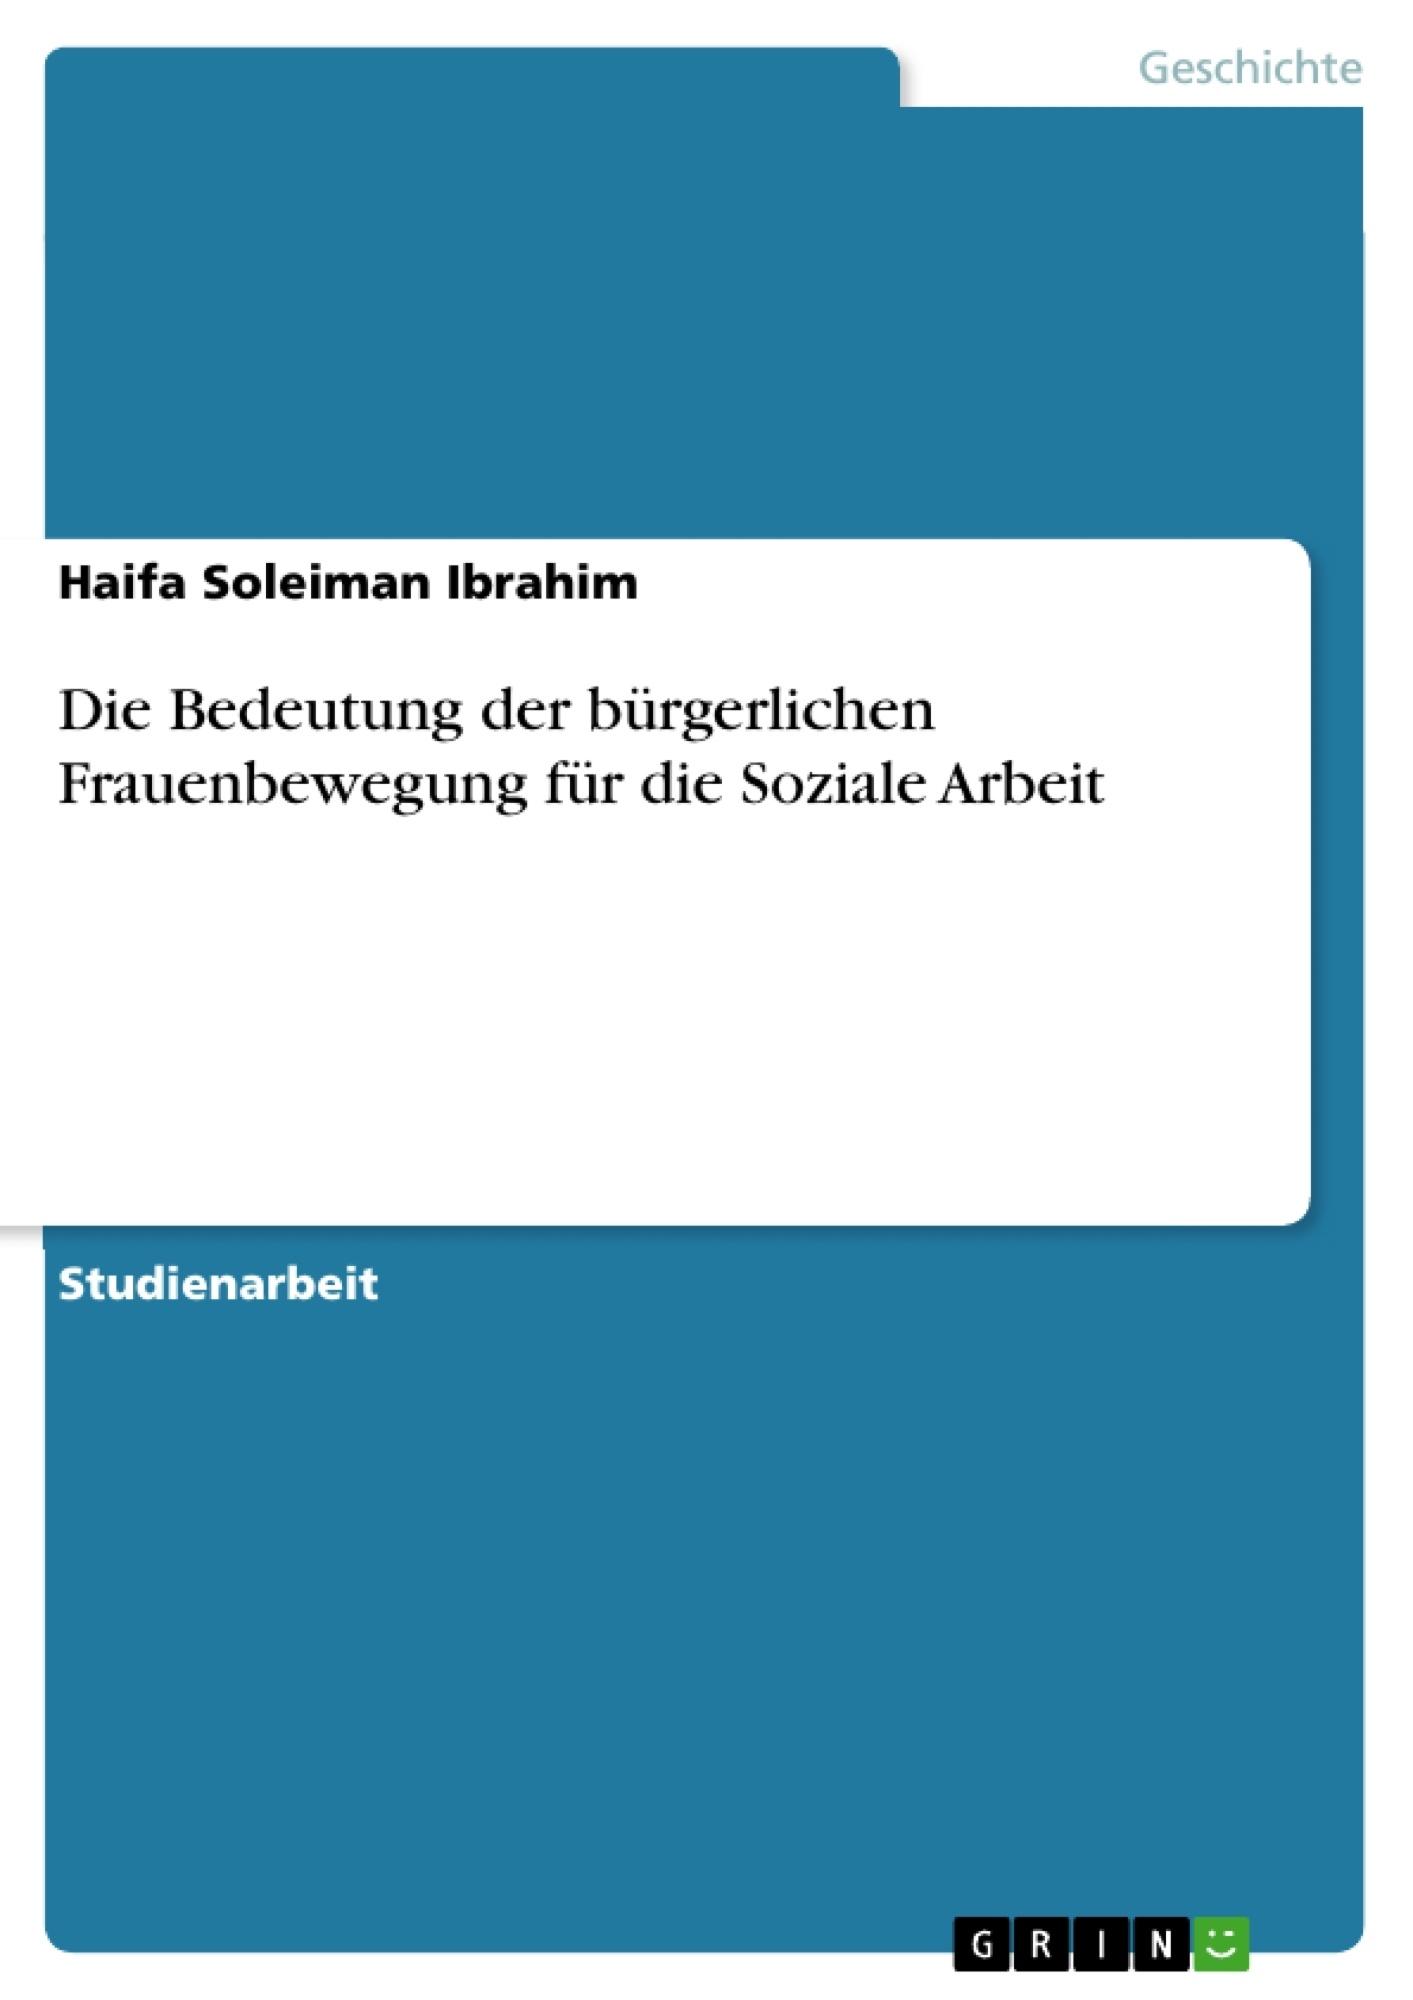 Titel: Die Bedeutung der bürgerlichen Frauenbewegung für die Soziale Arbeit